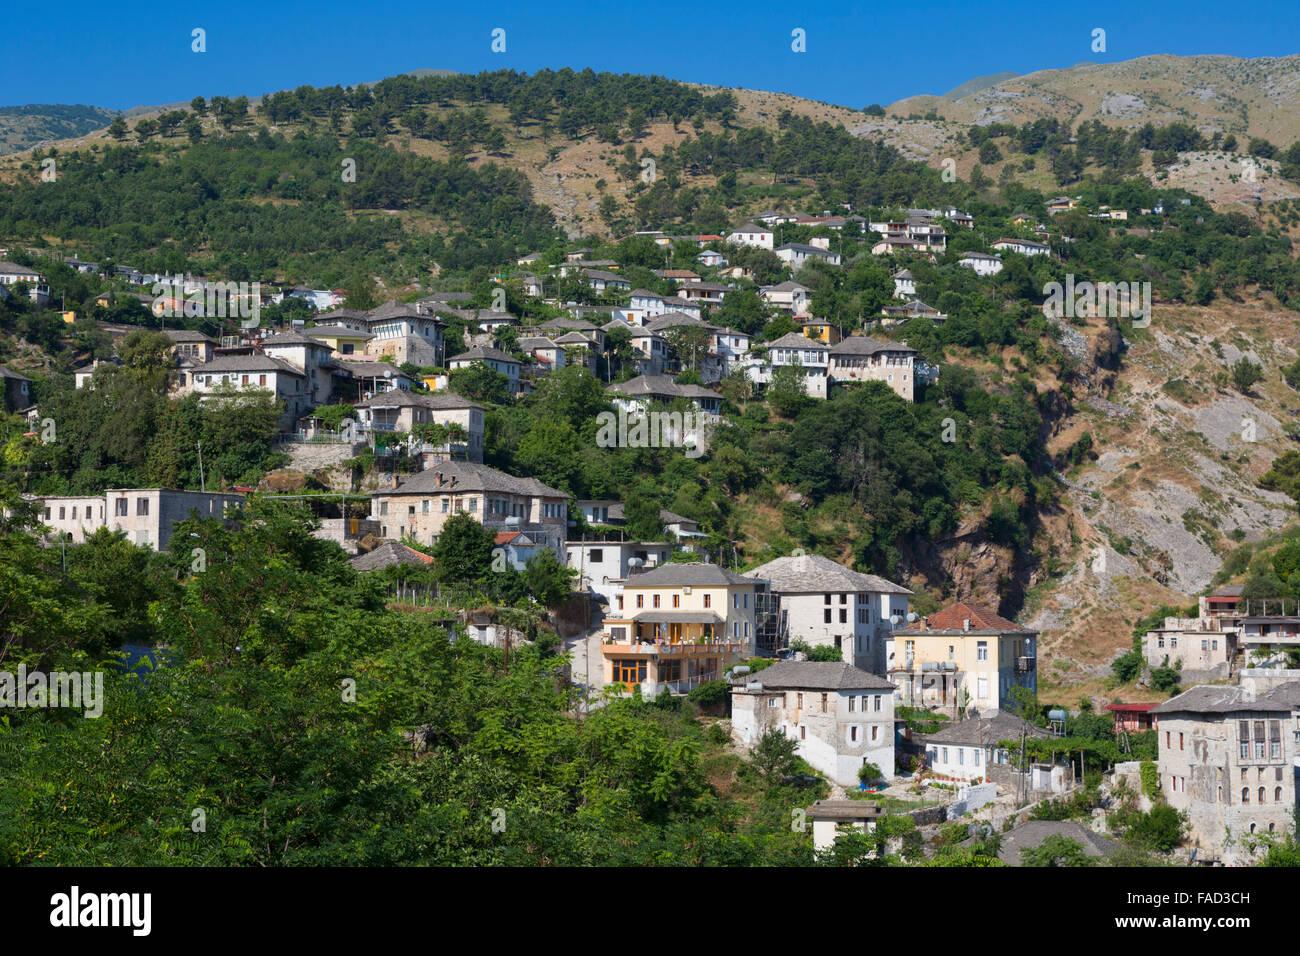 Gjirokastra oder Gjirokaster, Albanien.  Typisches traditionelles Anwesen am Rande der Altstadt. Stockfoto